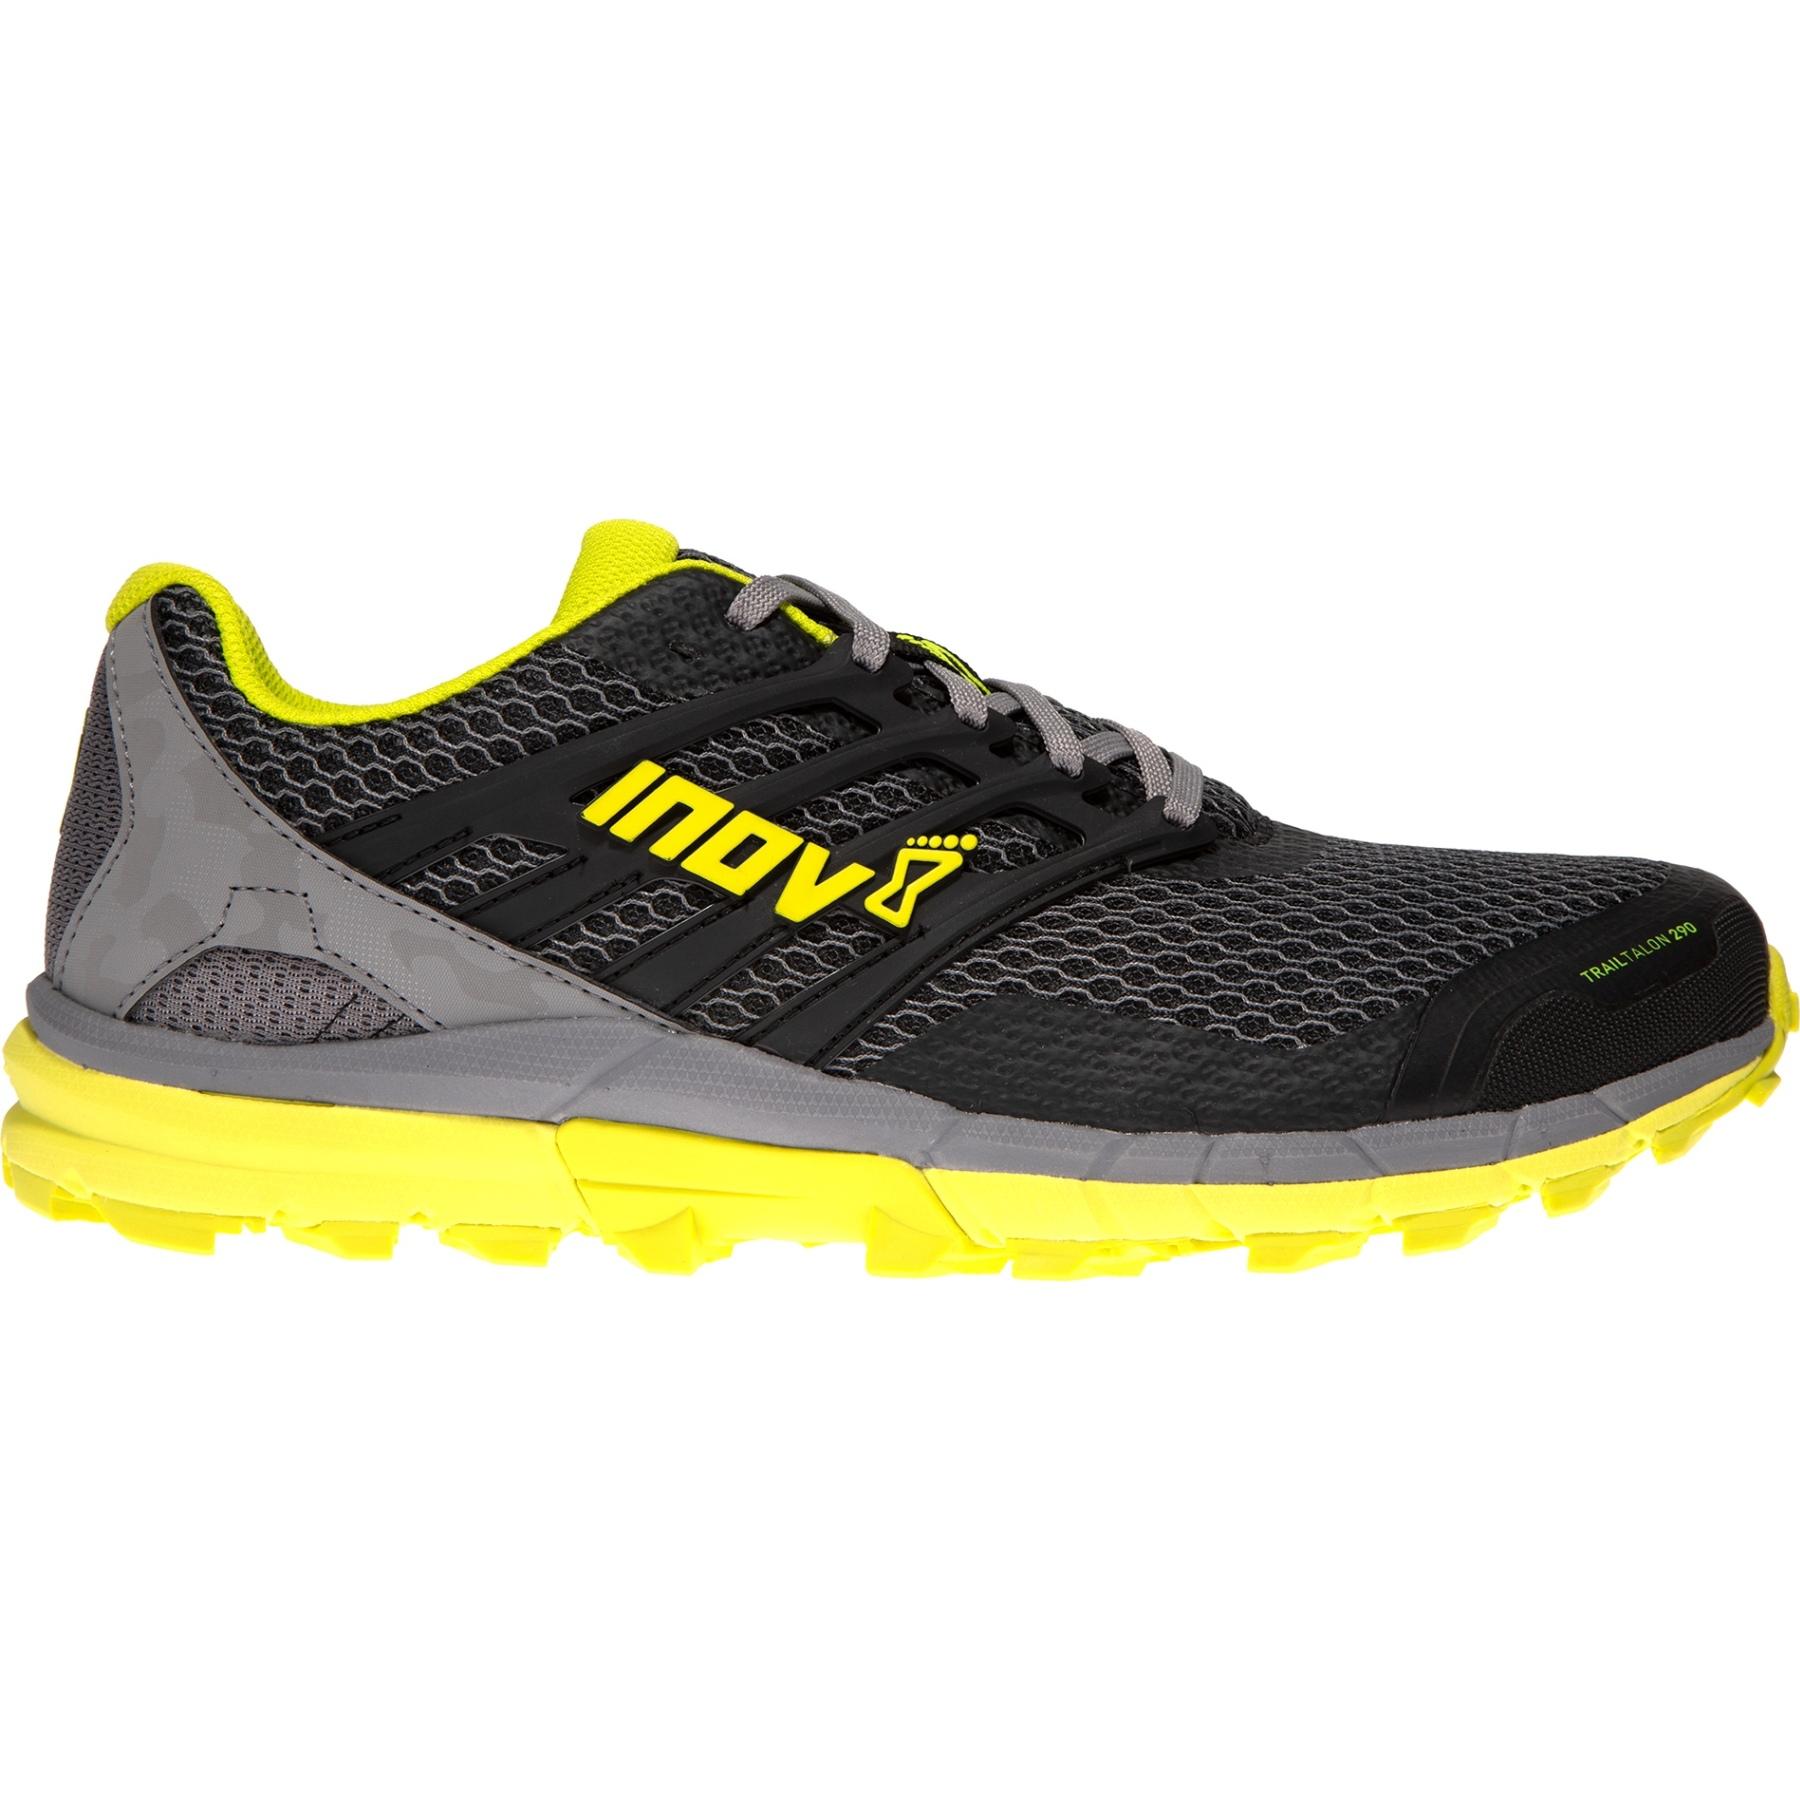 Produktbild von Inov-8 Trailtalon™ 290 V2 Trail Laufschuhe - black/grey/yellow